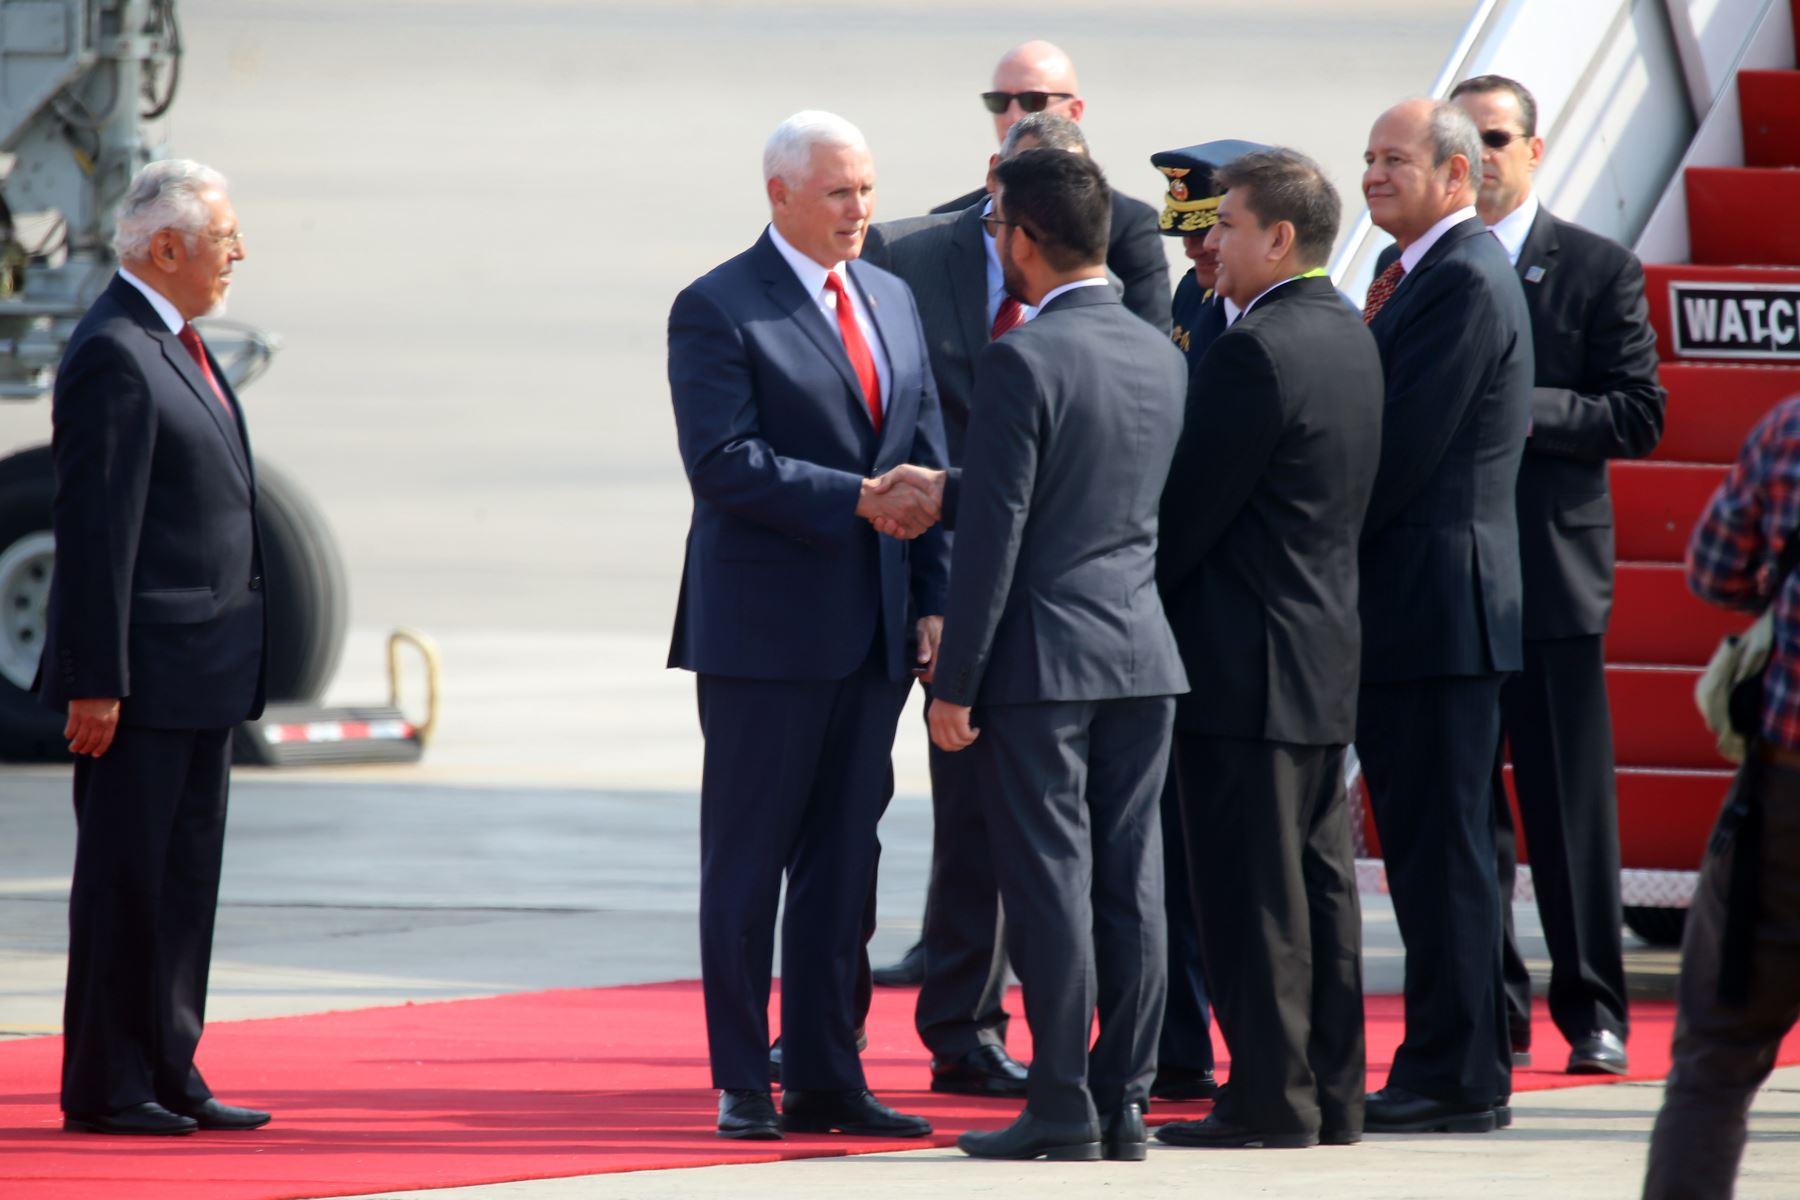 Vicepresidente de los Estados Unidos, Mike Pence, es recibido por el ministro de Vivienda Javier Piqué a su llegada a Lima, para participar de la VIII Cumbre de las Américas. Foto: ANDINA/Luis Iparraguirre